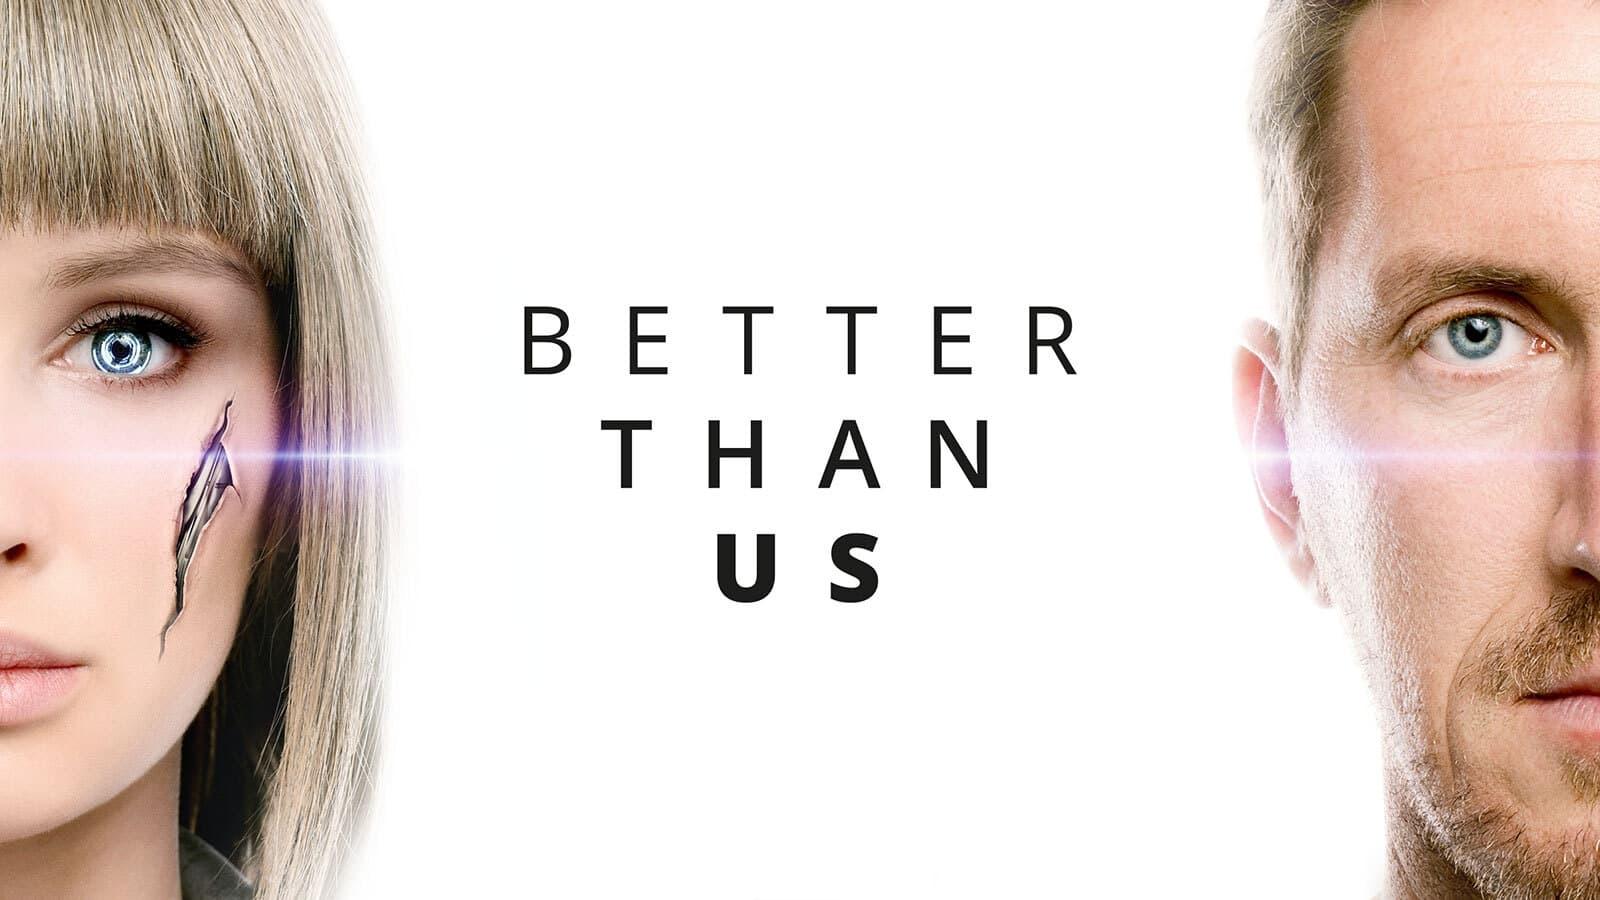 Mejores que nosotros